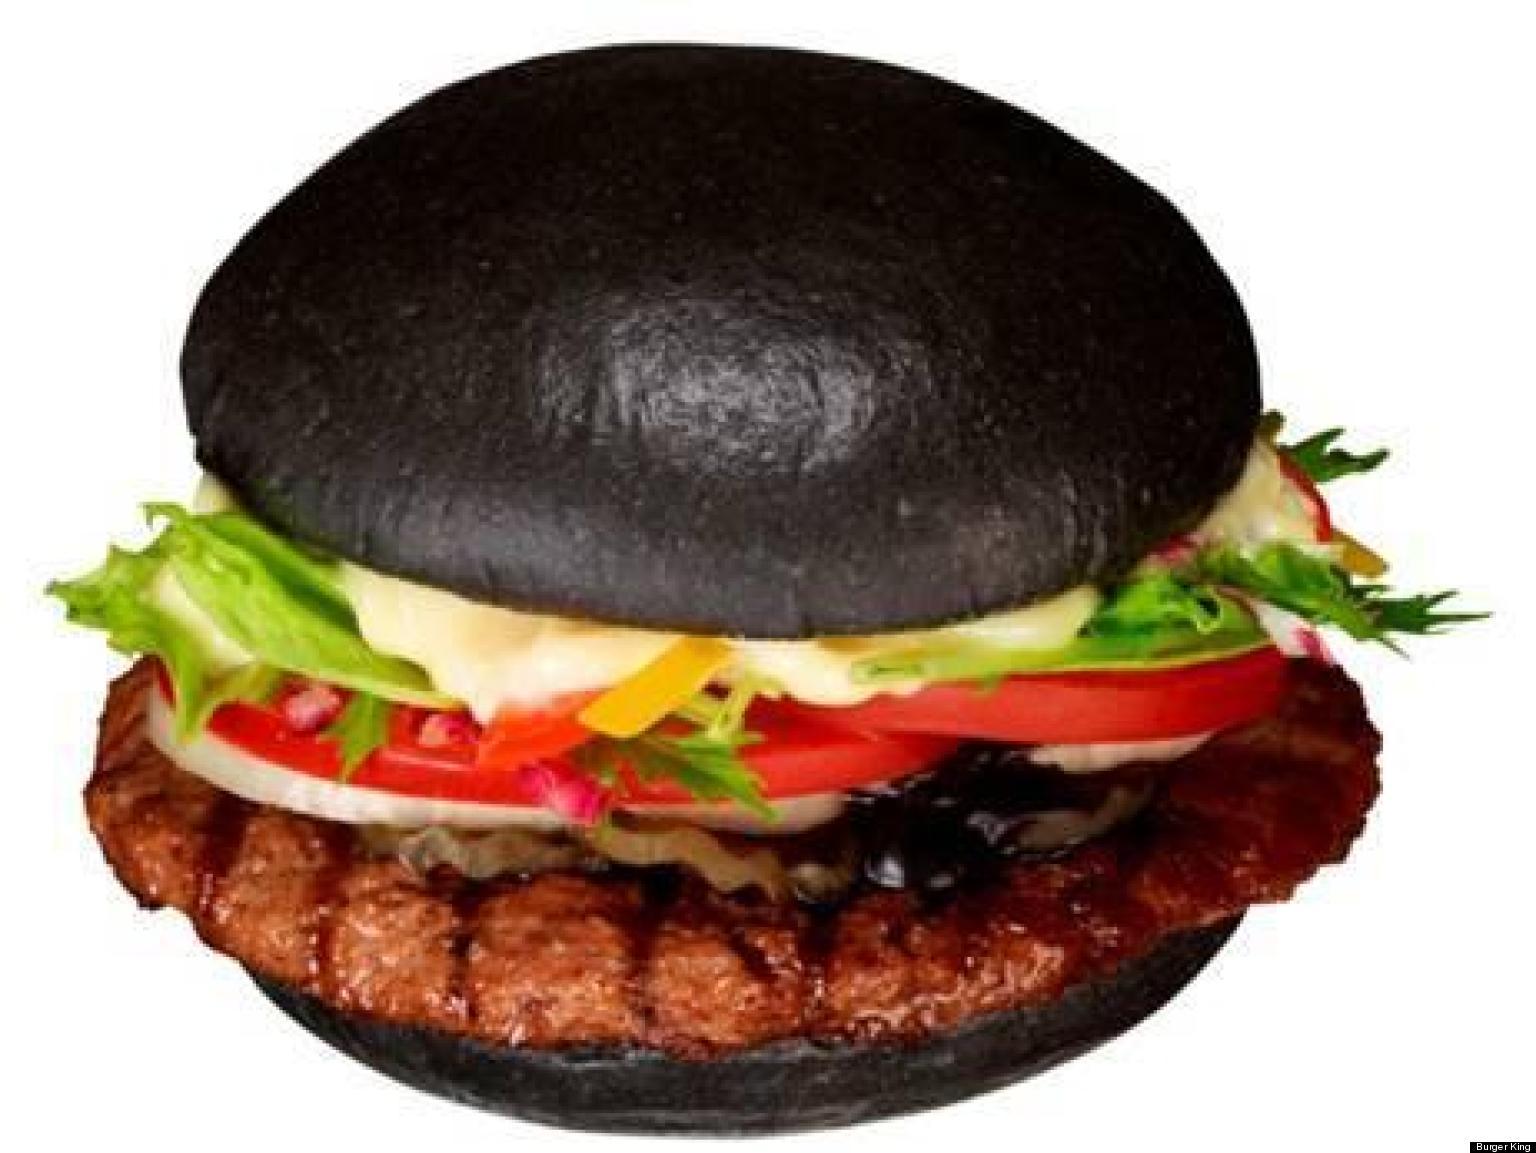 Burger King Japans Premium Kuro Burger Officially Makes Black - Black hamburger